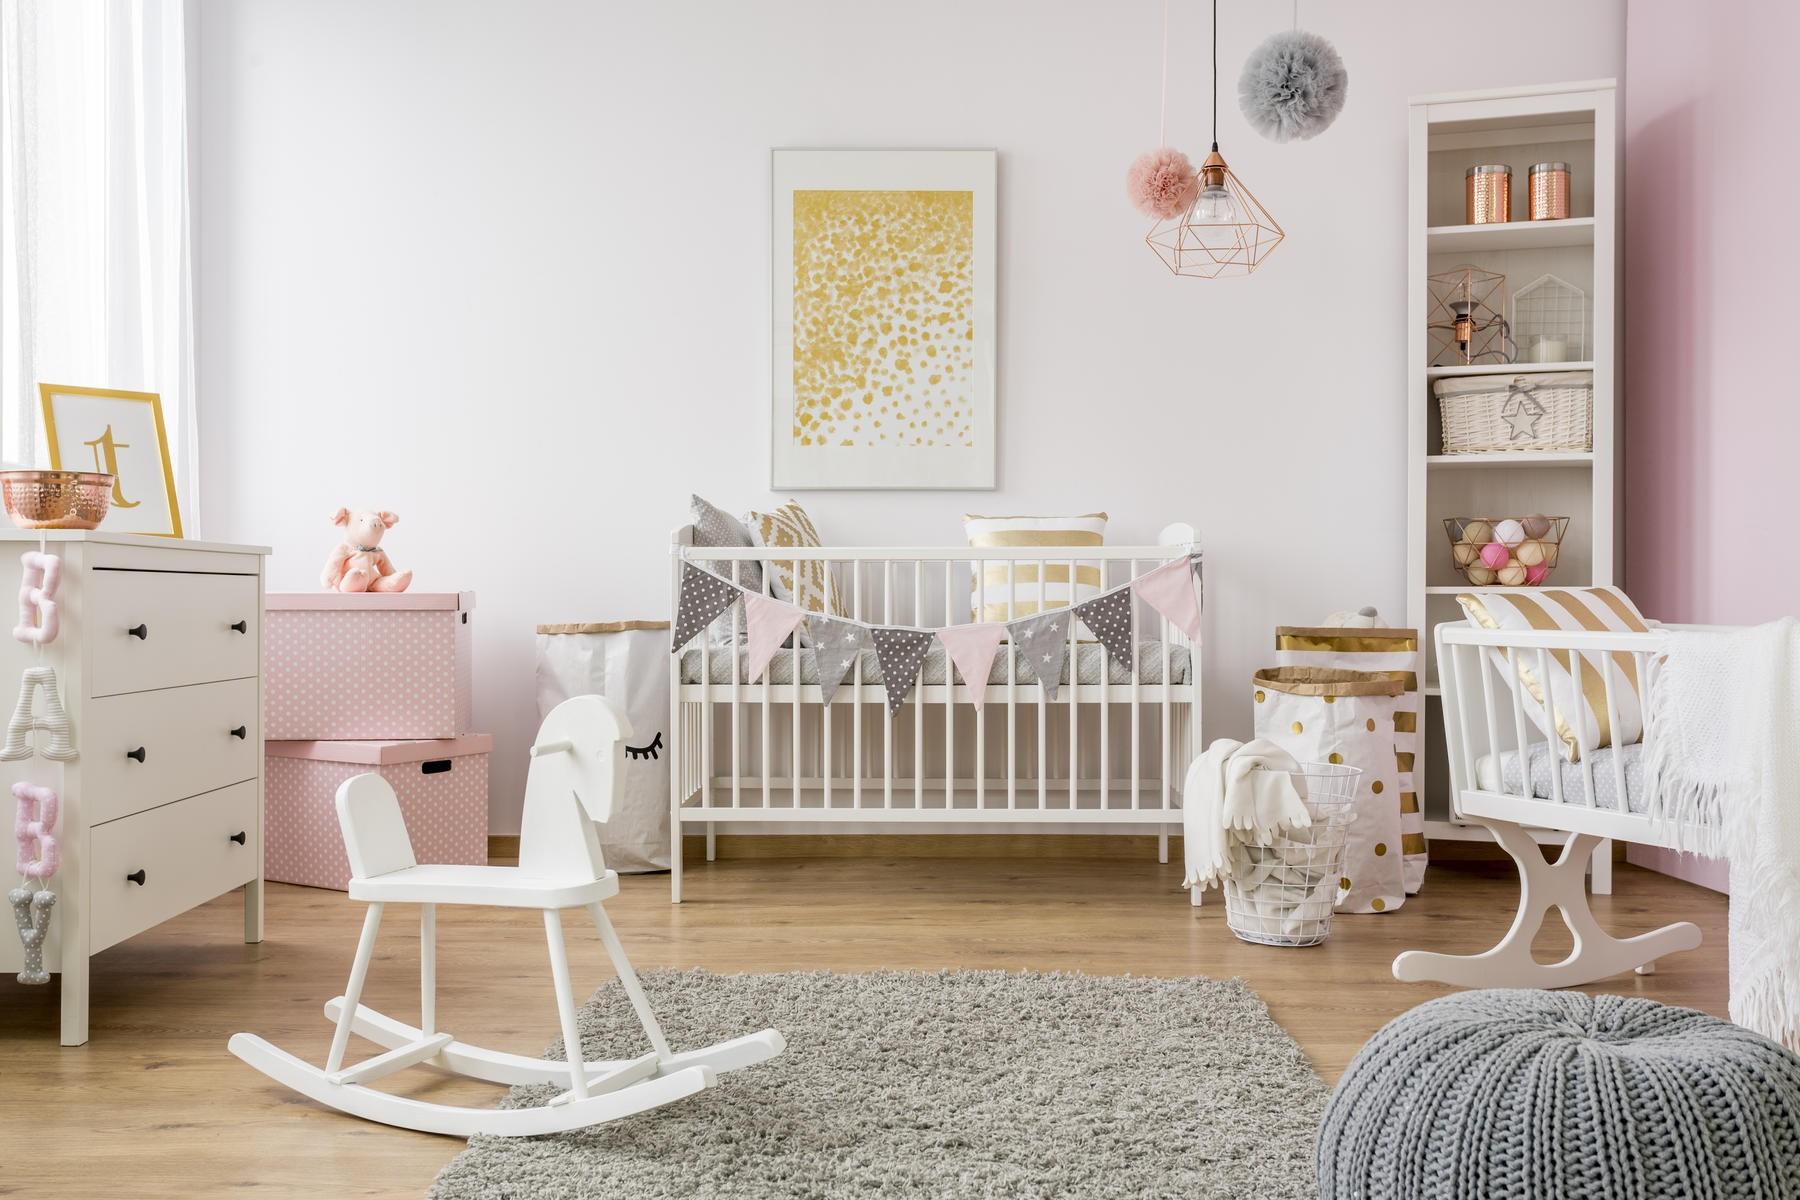 ديكور غرف أطفال حديثي الولادة-غرفة أطفال كبيرة